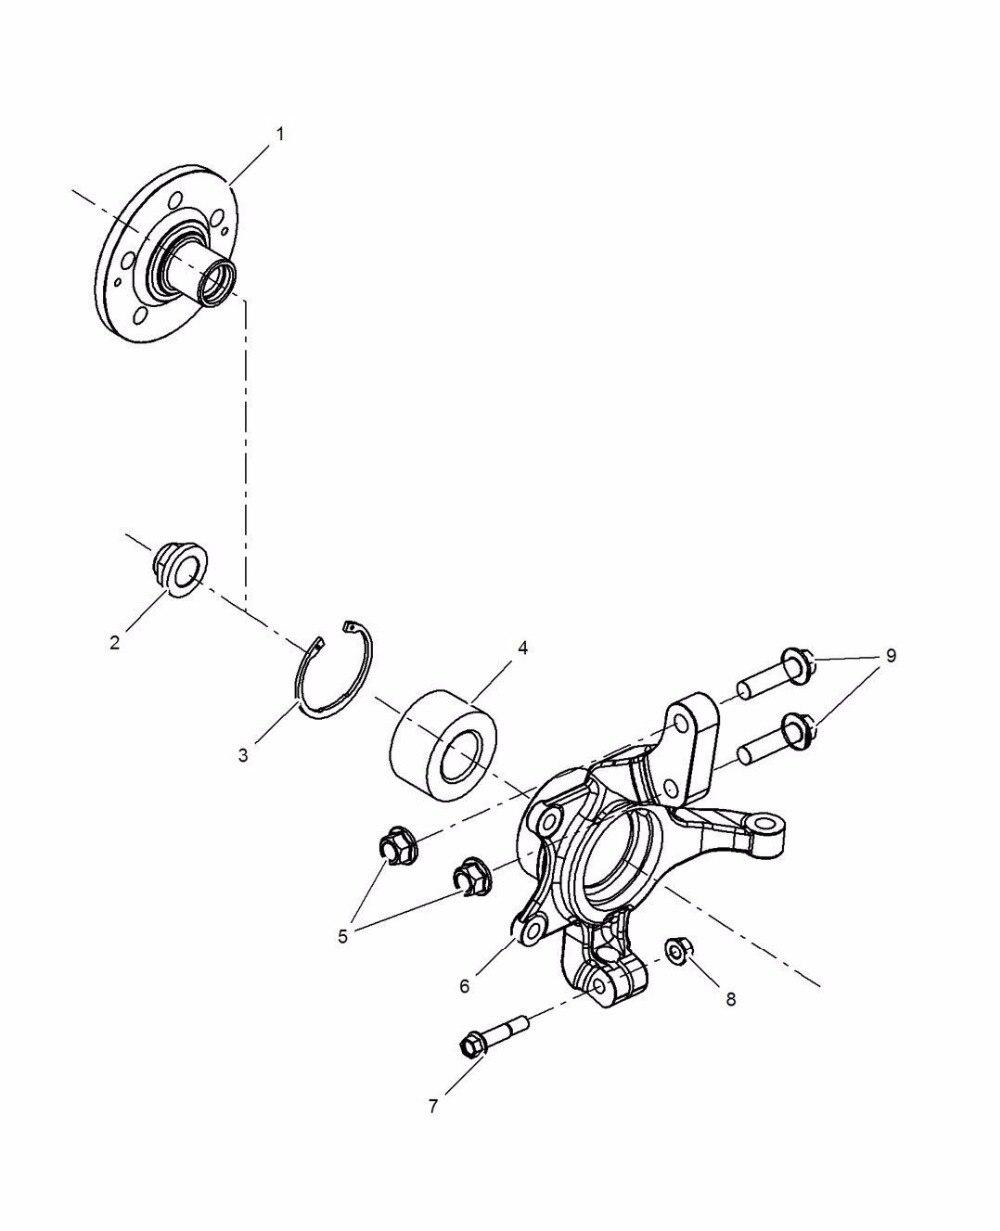 1 pcs avant moyeu entraînement bride pour chinois SAIC ROEWE 350 360 MG5 GT Auto voiture moteur pièces 10147619 - 2